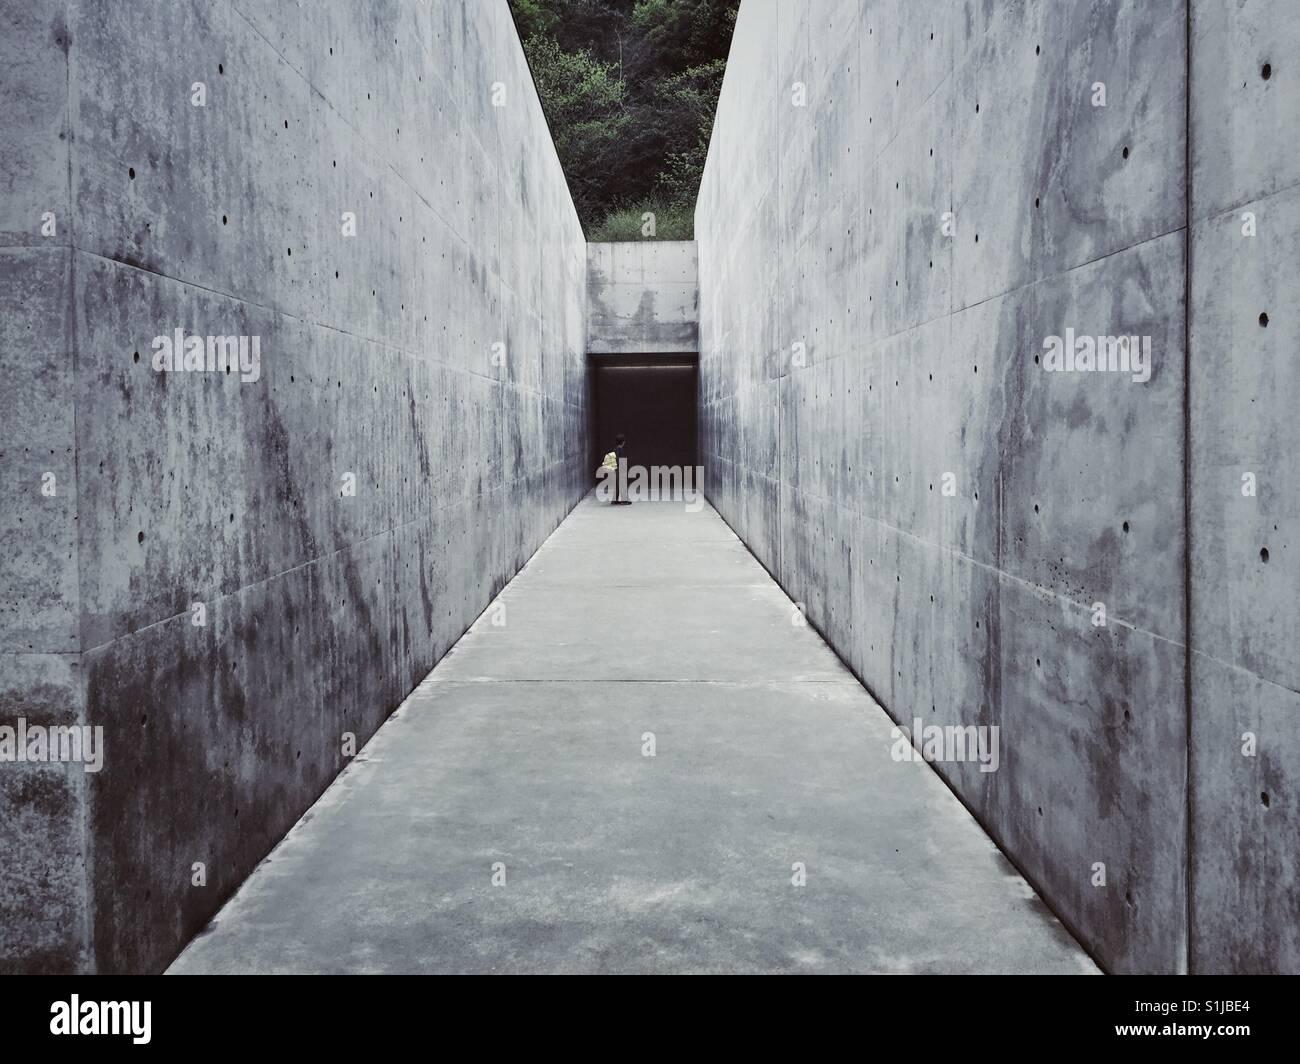 Lee Ufan museum conçu par Tadao Ando sur l'île de Naoshima au Japon Photo Stock